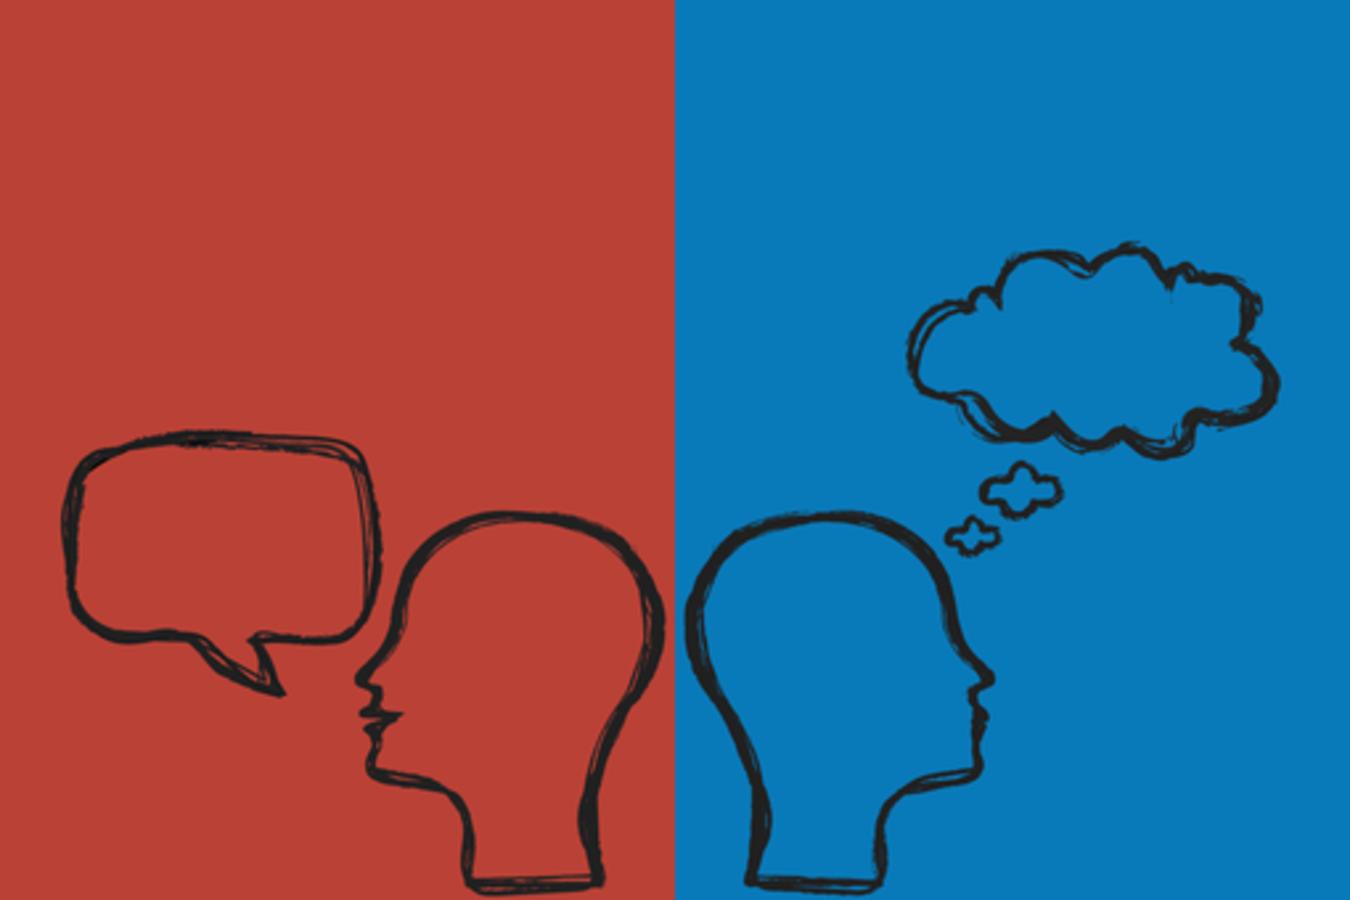 vodič za upoznavanje s introvertom kako funkcionira datiranje ugljika na youtubeu